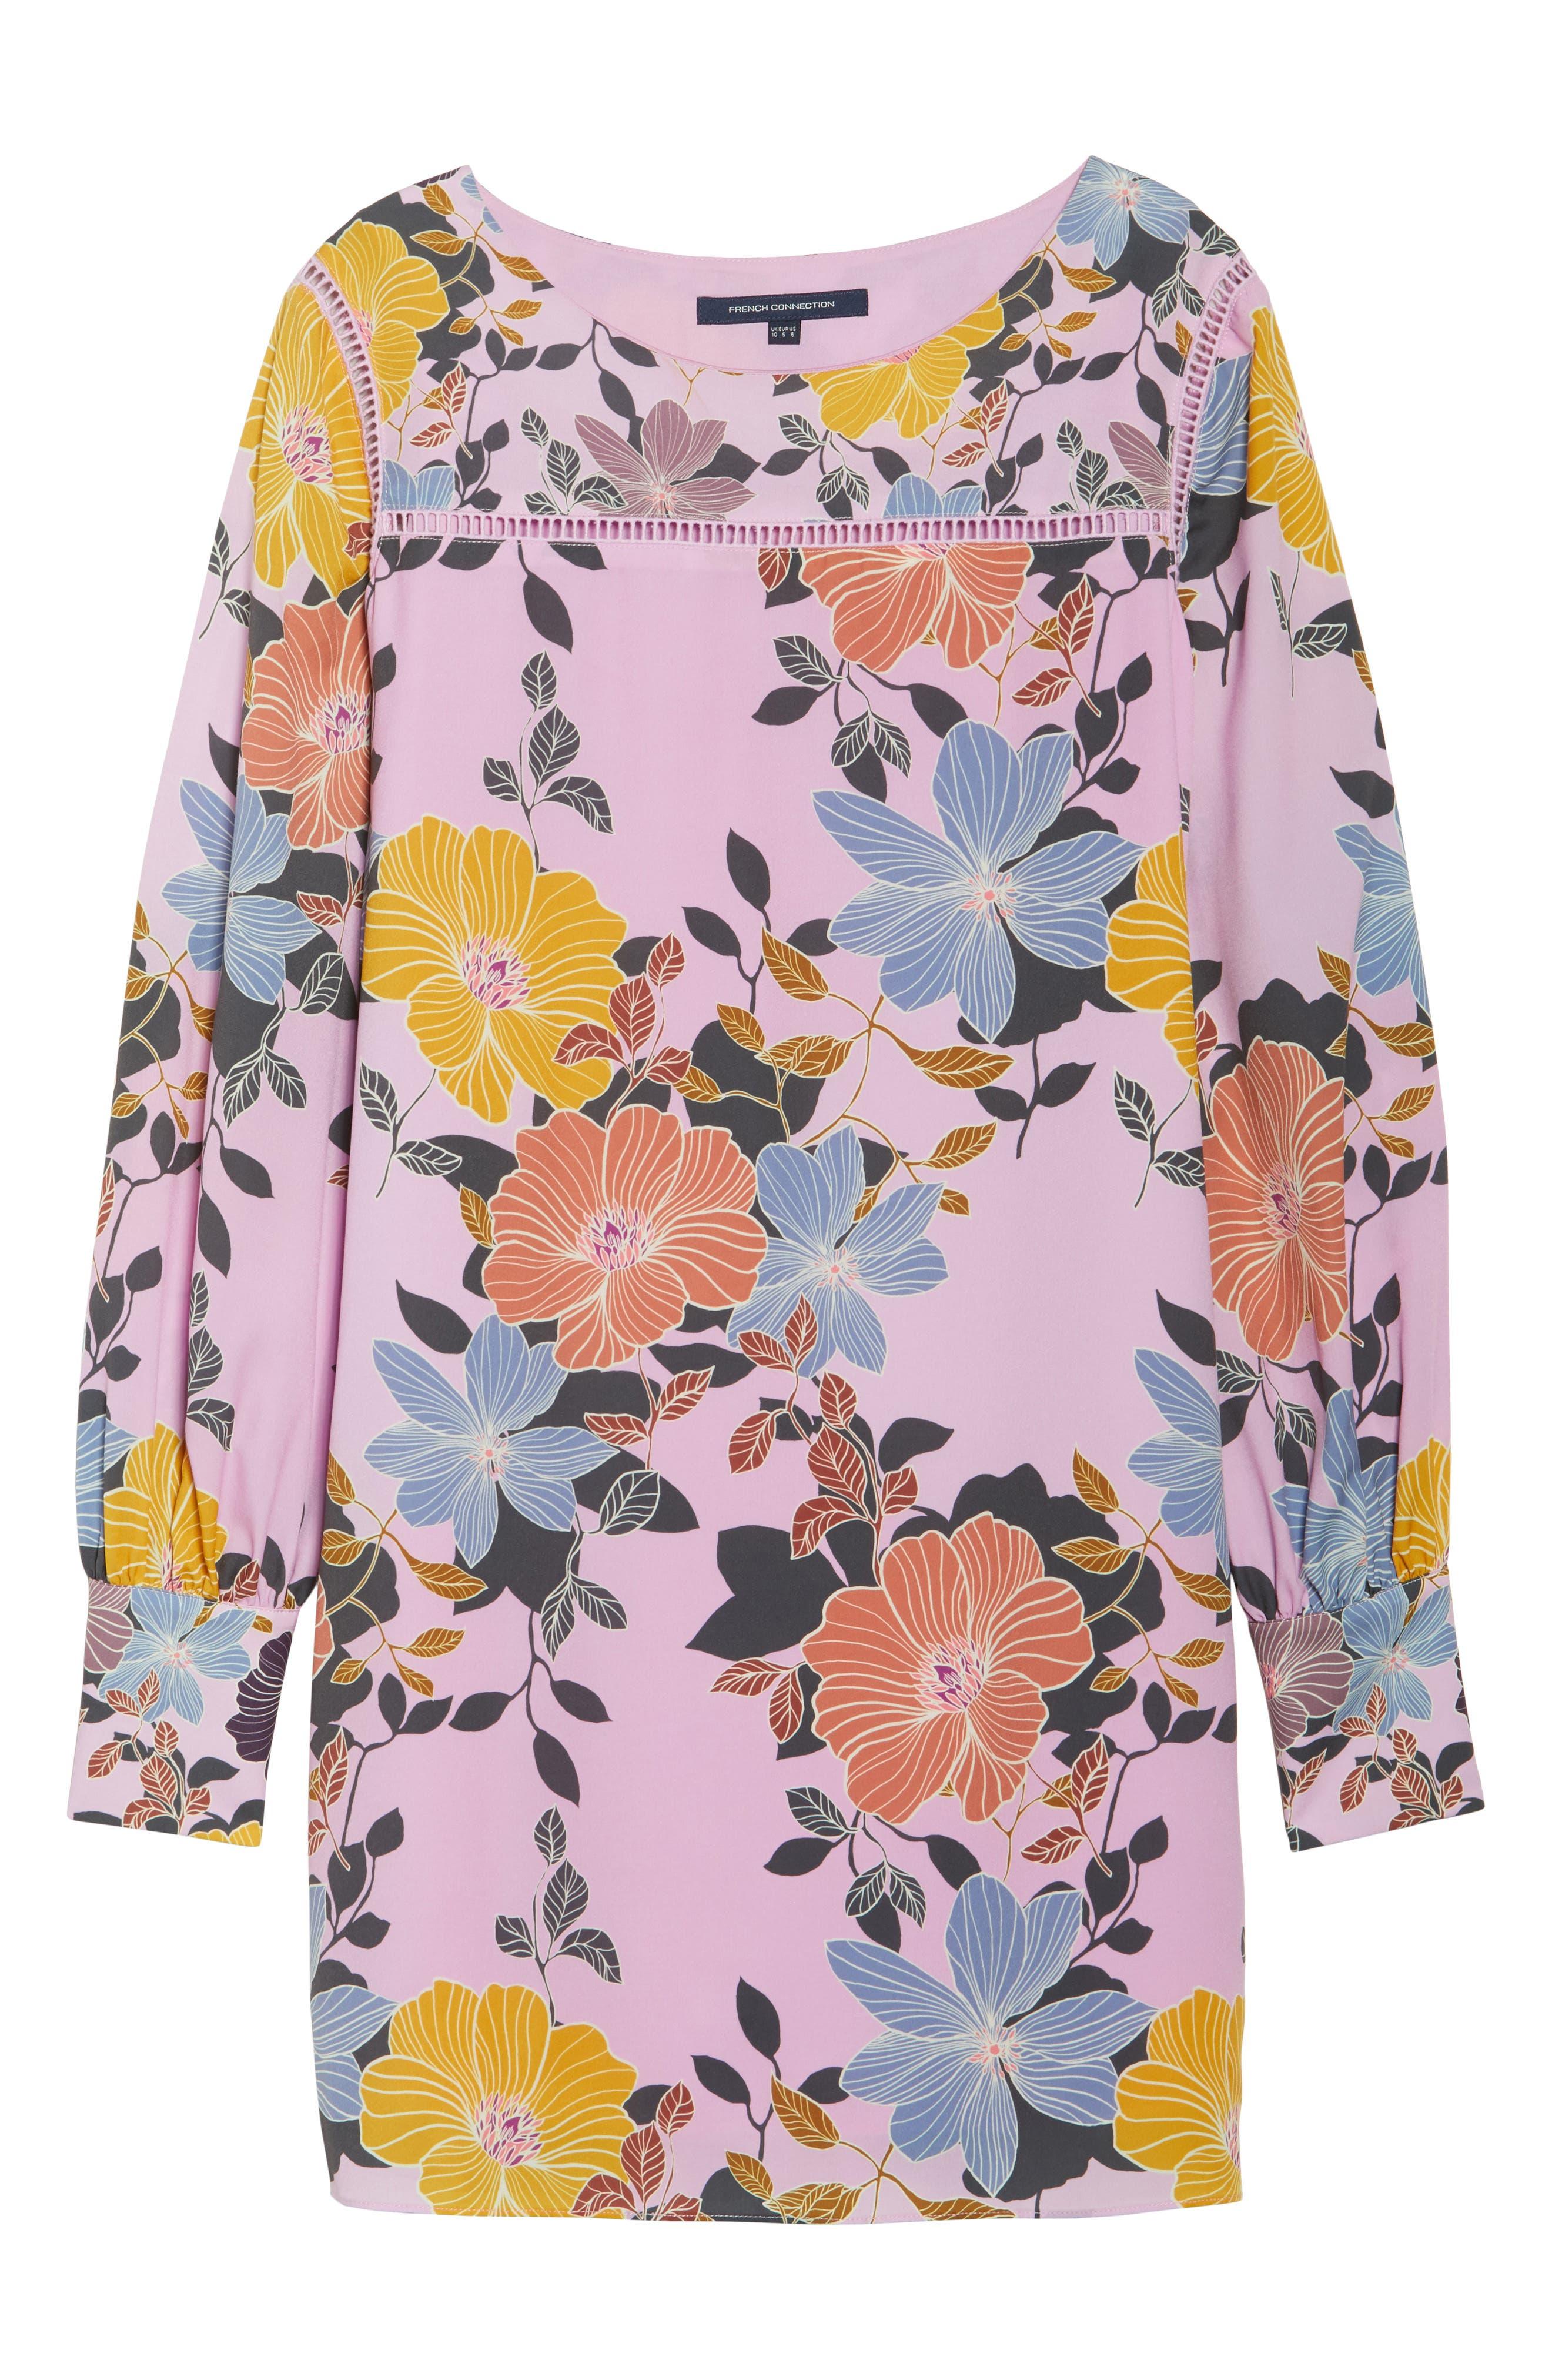 Shikoku Floral Crepe Shift Dress,                             Alternate thumbnail 6, color,                             Violet Vice Multi